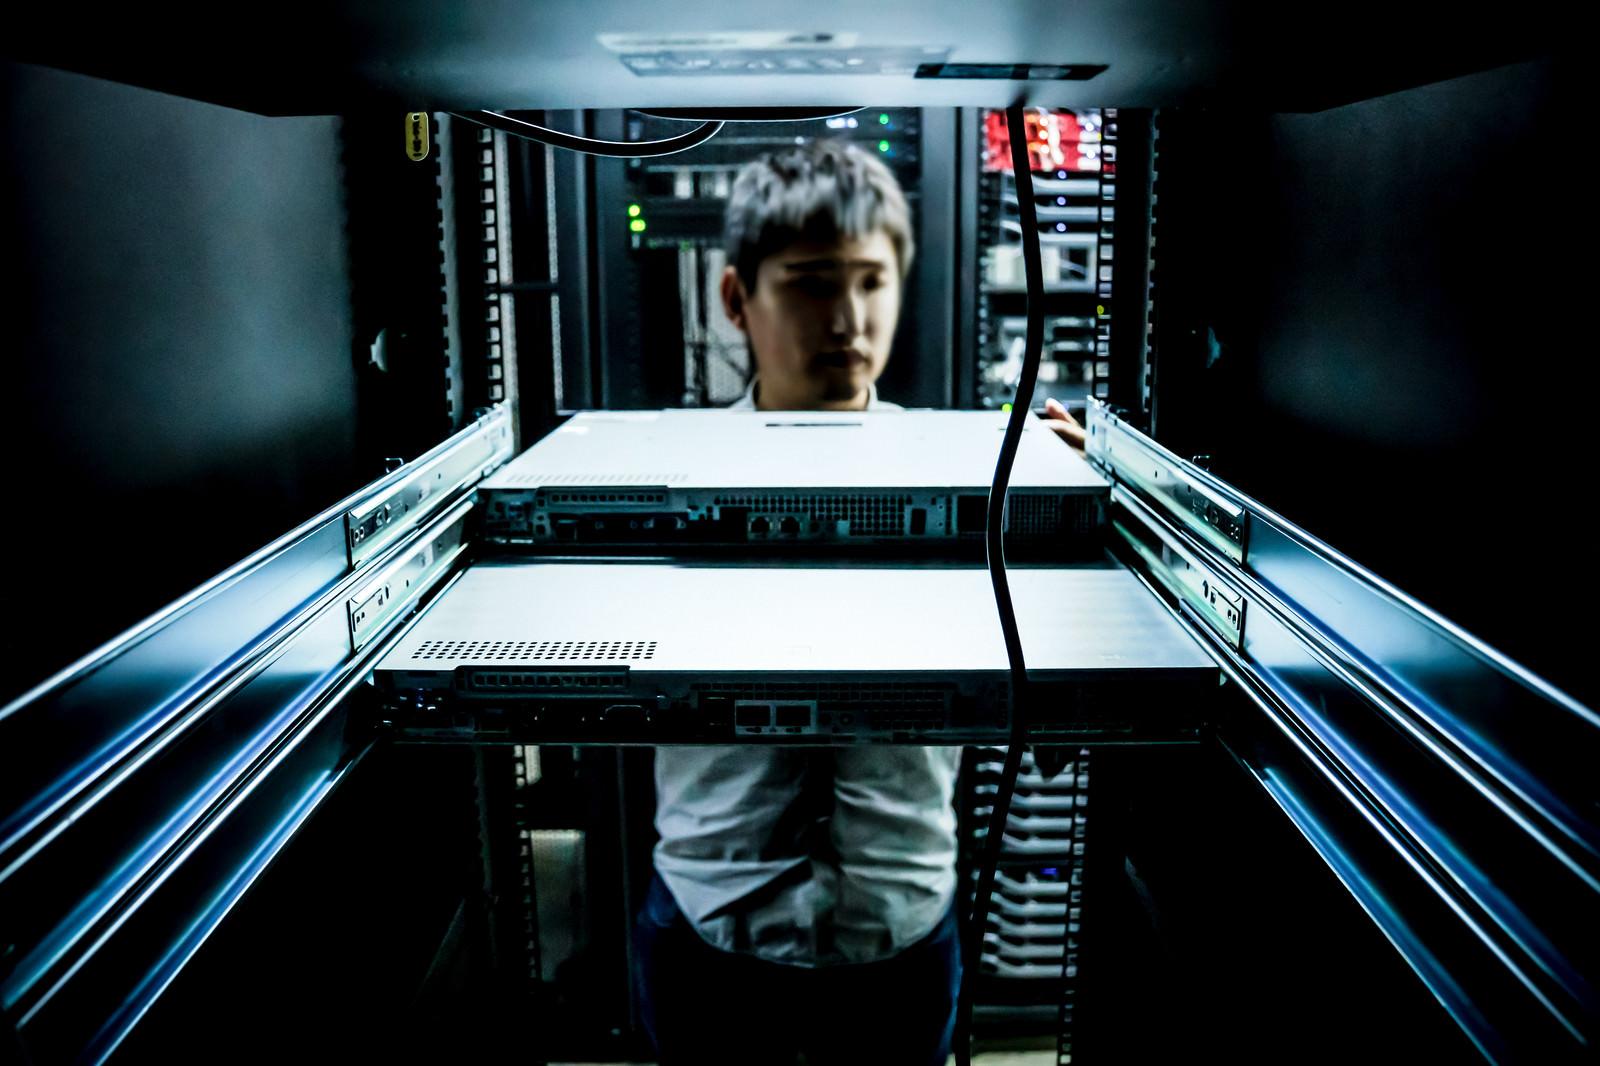 「オンプレを脱却しクラウドへの移行が完了しサーバを撤去していると思いきや、絶賛サーバを設置しオンプレ環境を構築しているインフラエンジニア」の写真